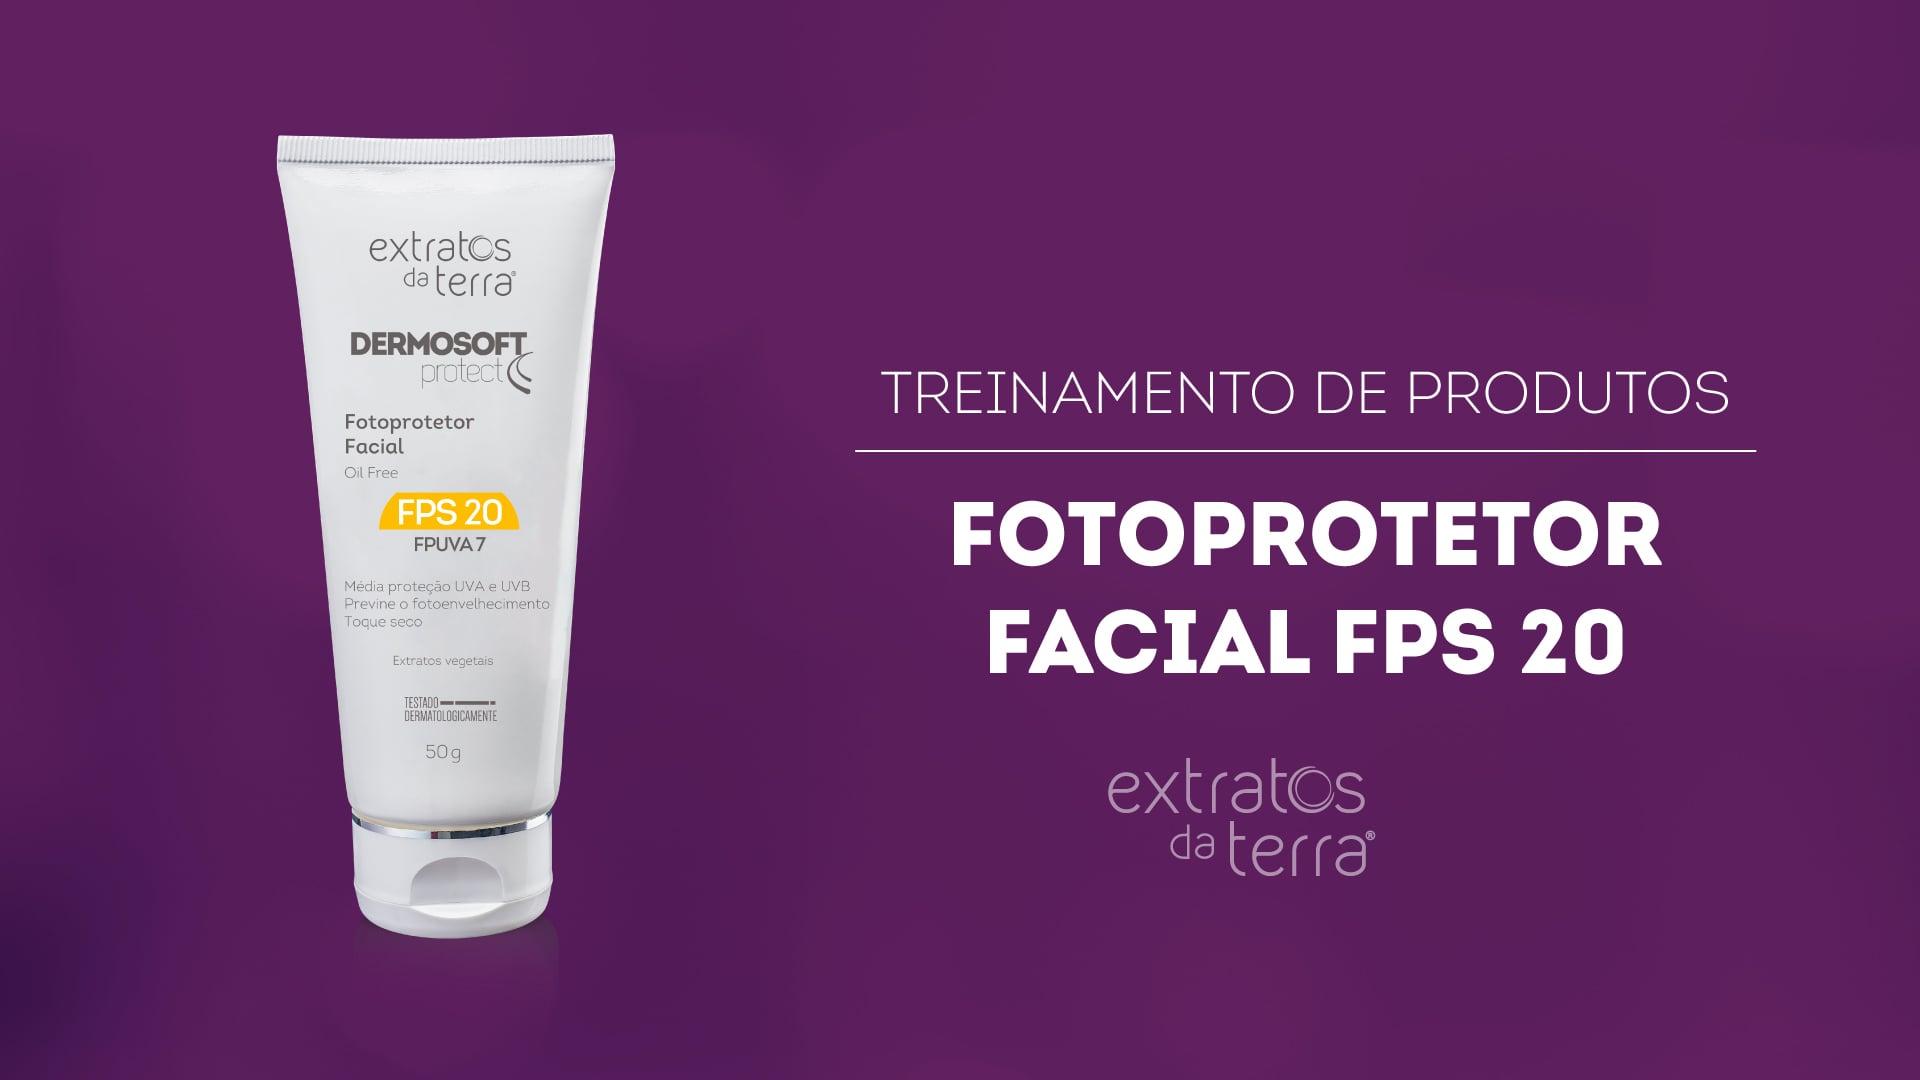 Conhecendo o Produto - Dermosoft Protect Fotoprotetor Facial FPS 20